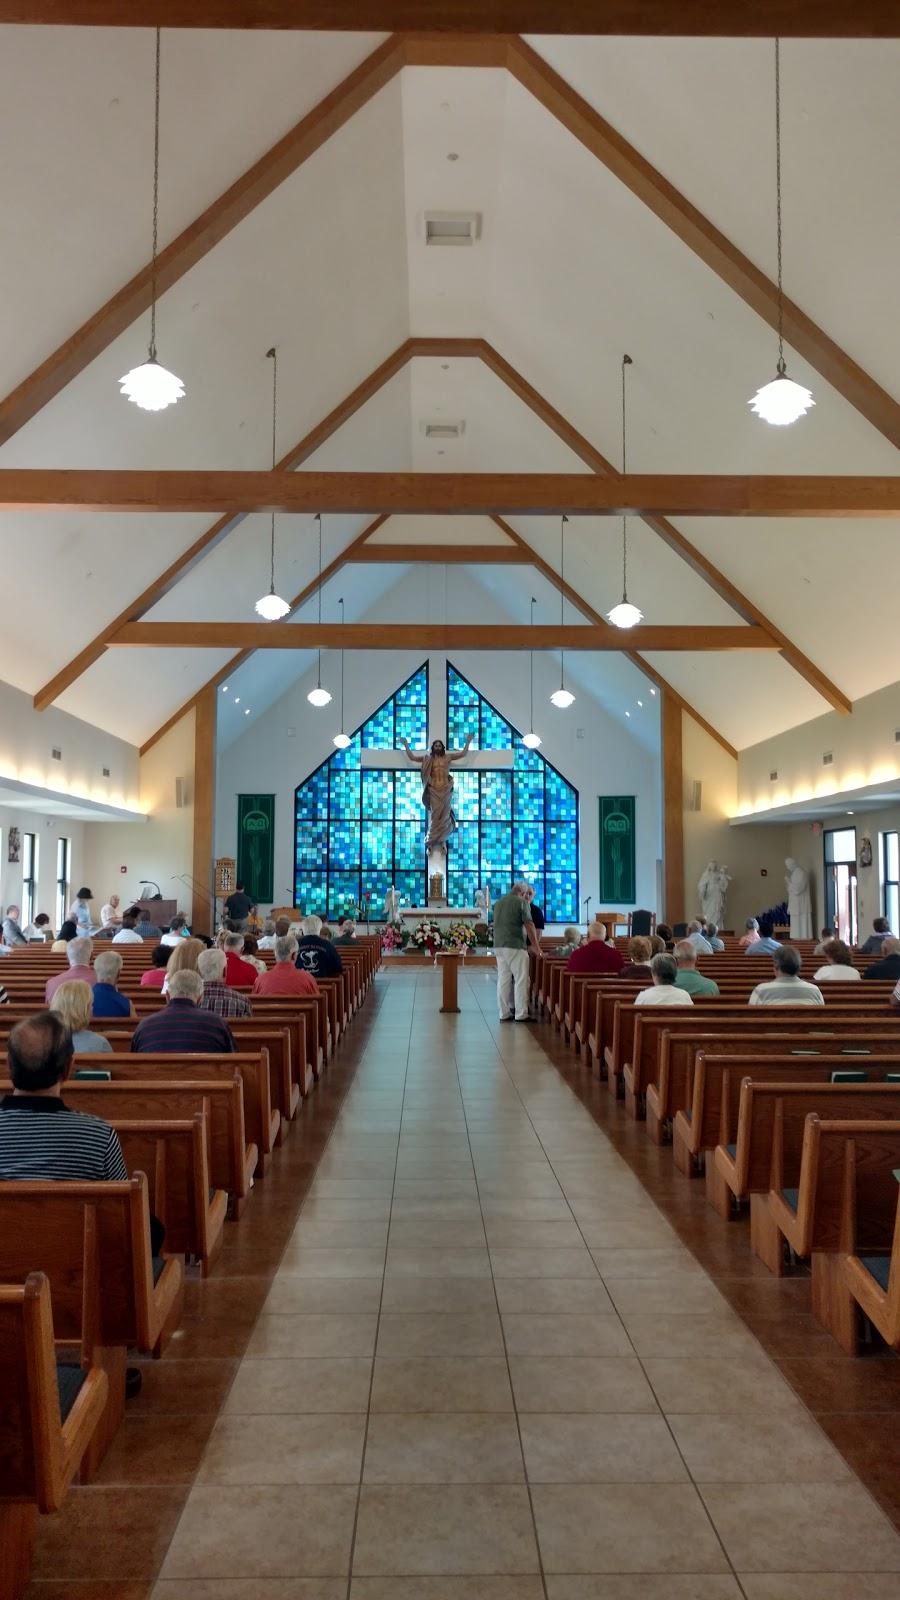 Mary Help Of Christians Catholic Chapel - church  | Photo 1 of 10 | Address: 174 Filors Ln, Stony Point, NY 10980, USA | Phone: (845) 947-2200